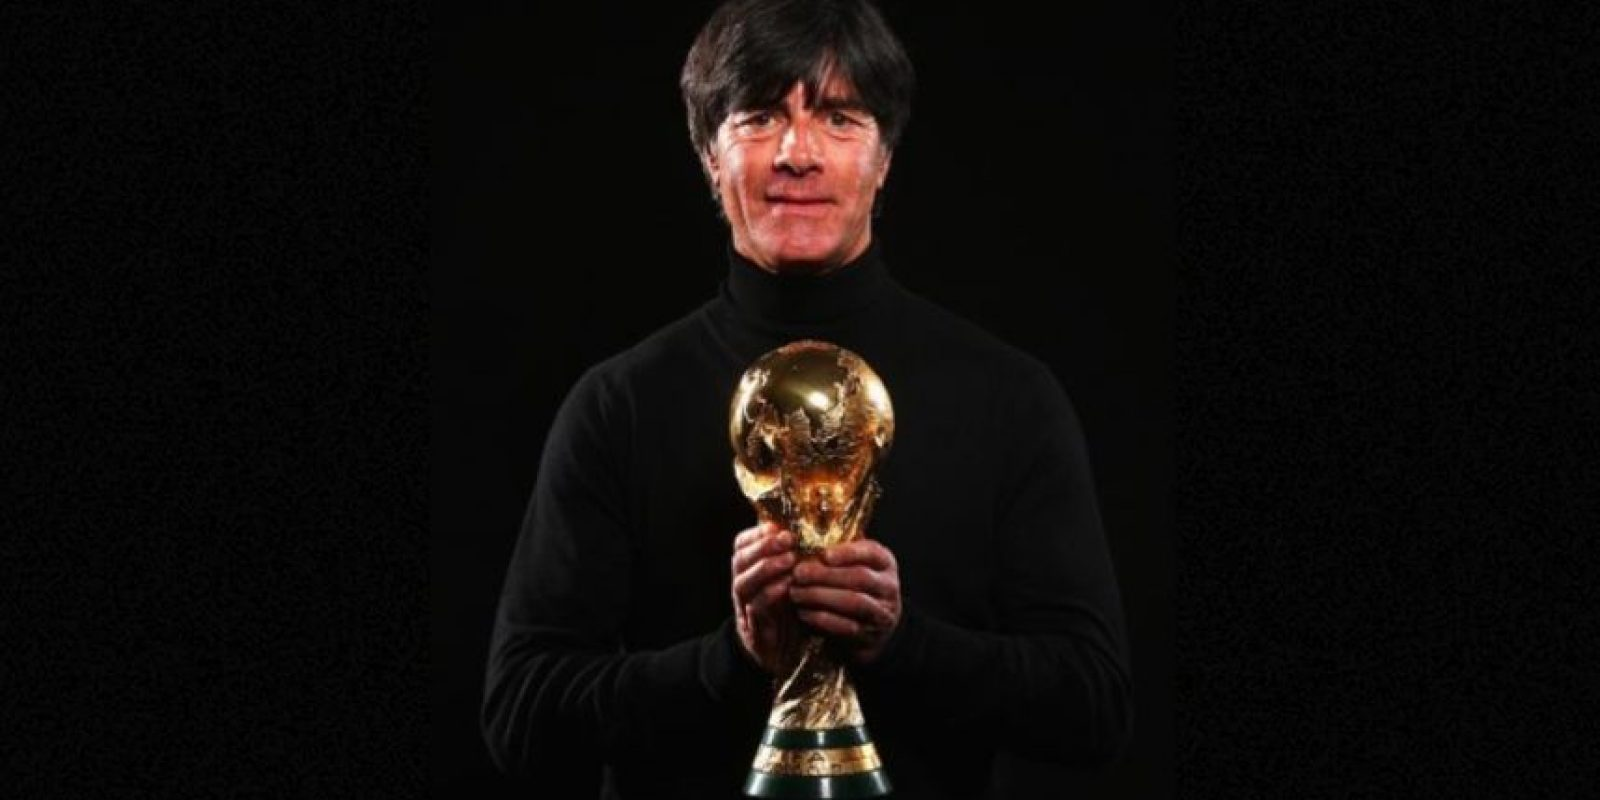 Nació el 3 de febrero de 1960 y jugó fútbol profesional en Alemania de 1978 a 1995. Foto:Getty Images